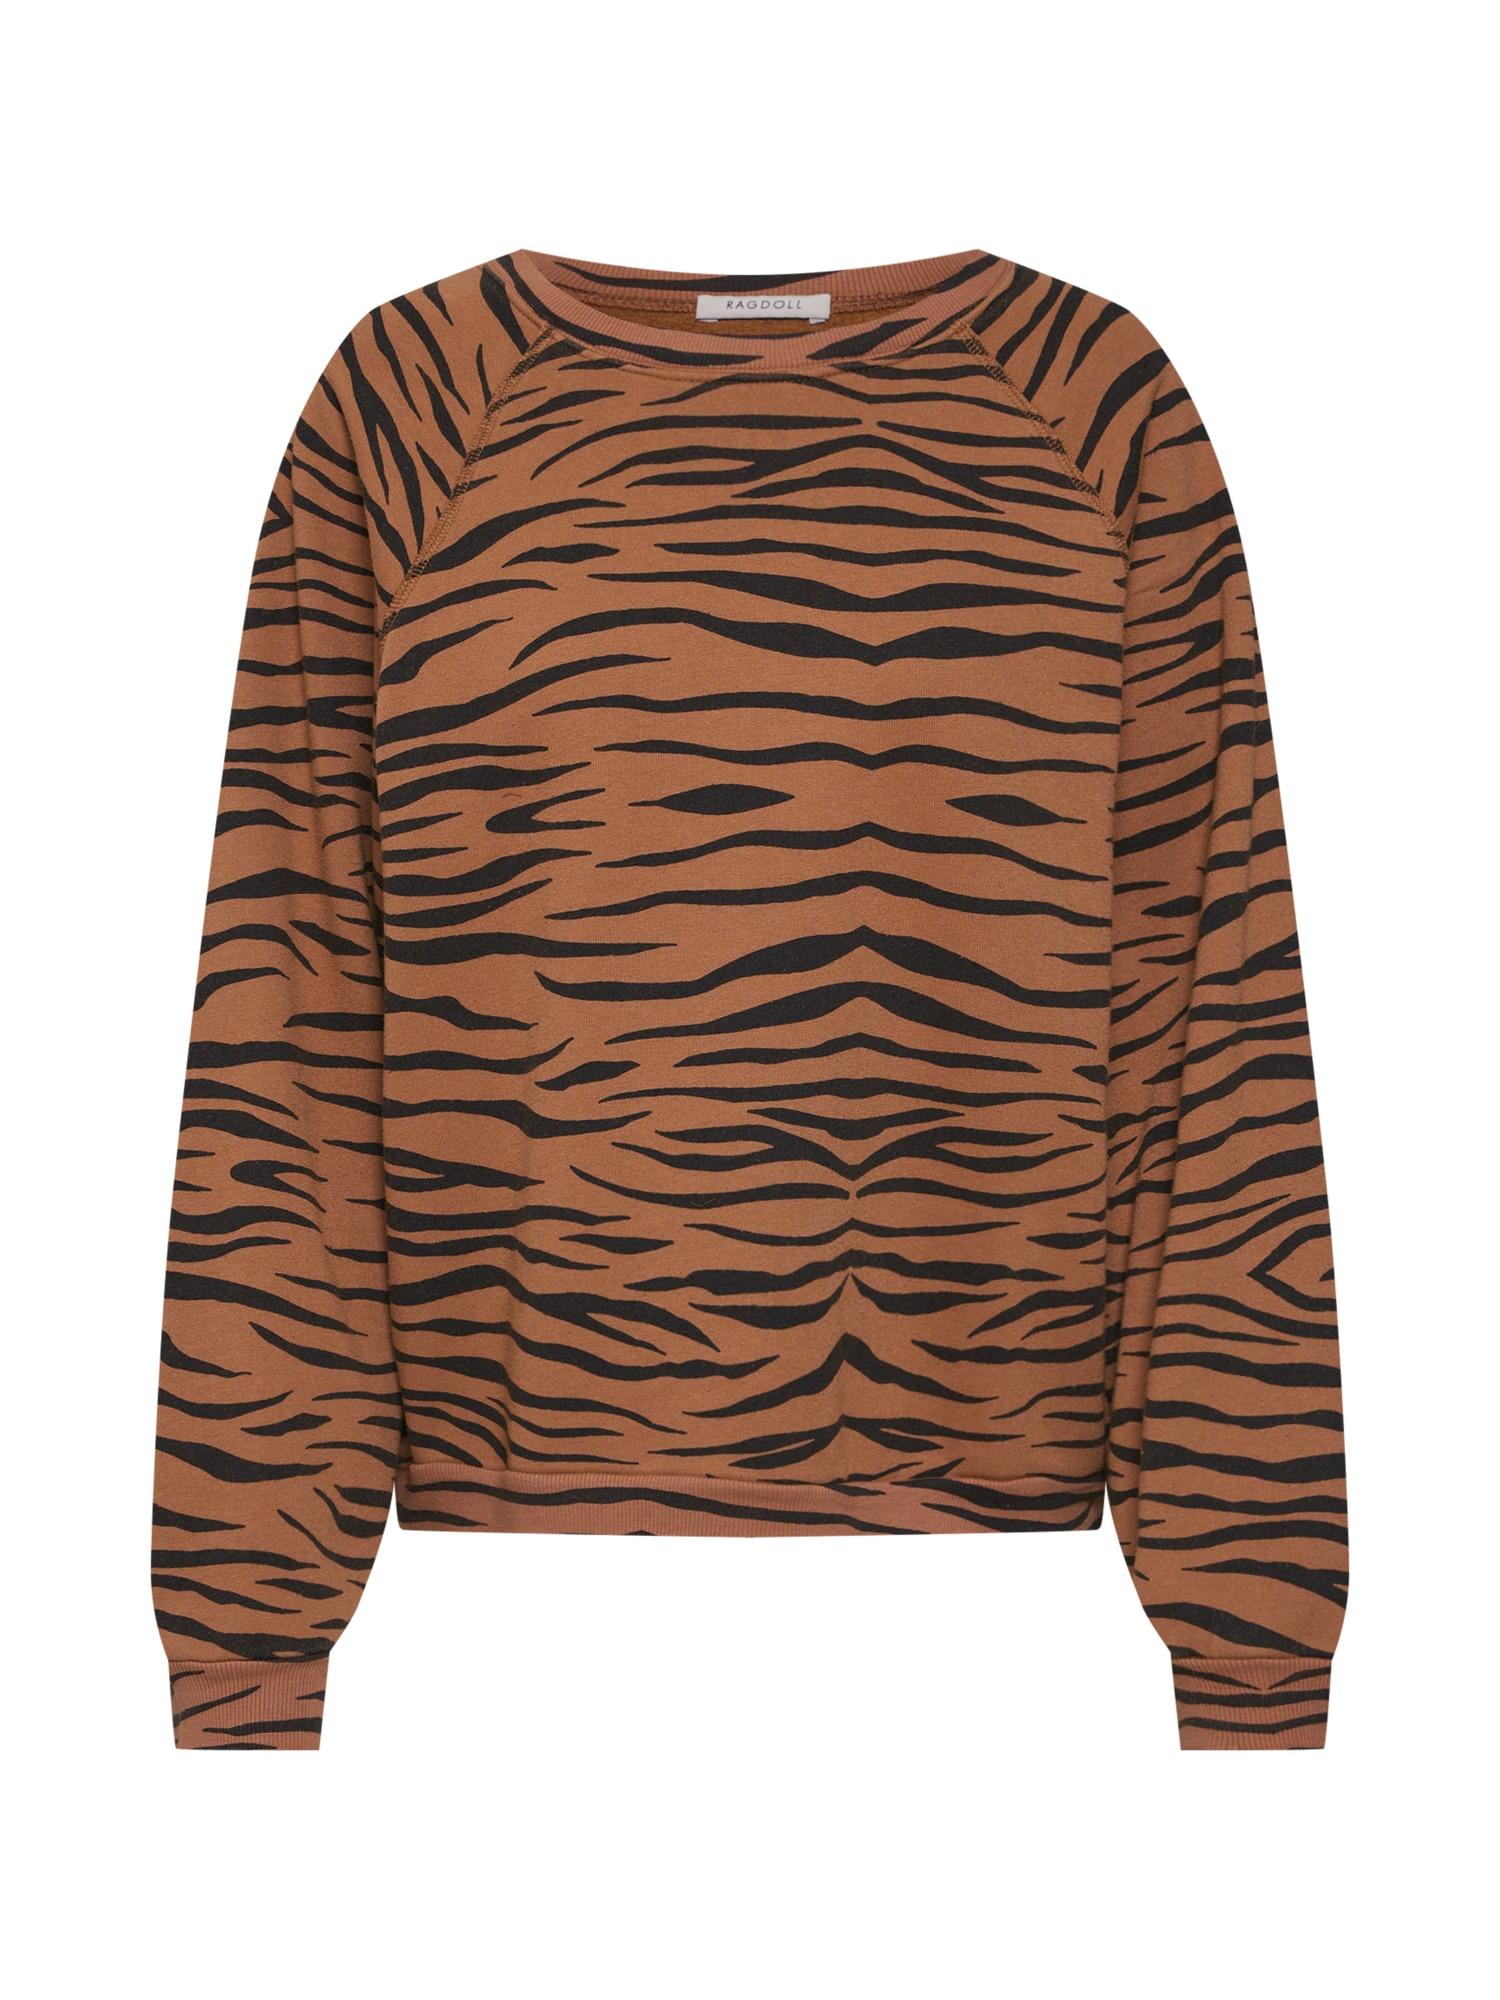 Mikina Oversized Sweatshirt hnědá Ragdoll LA